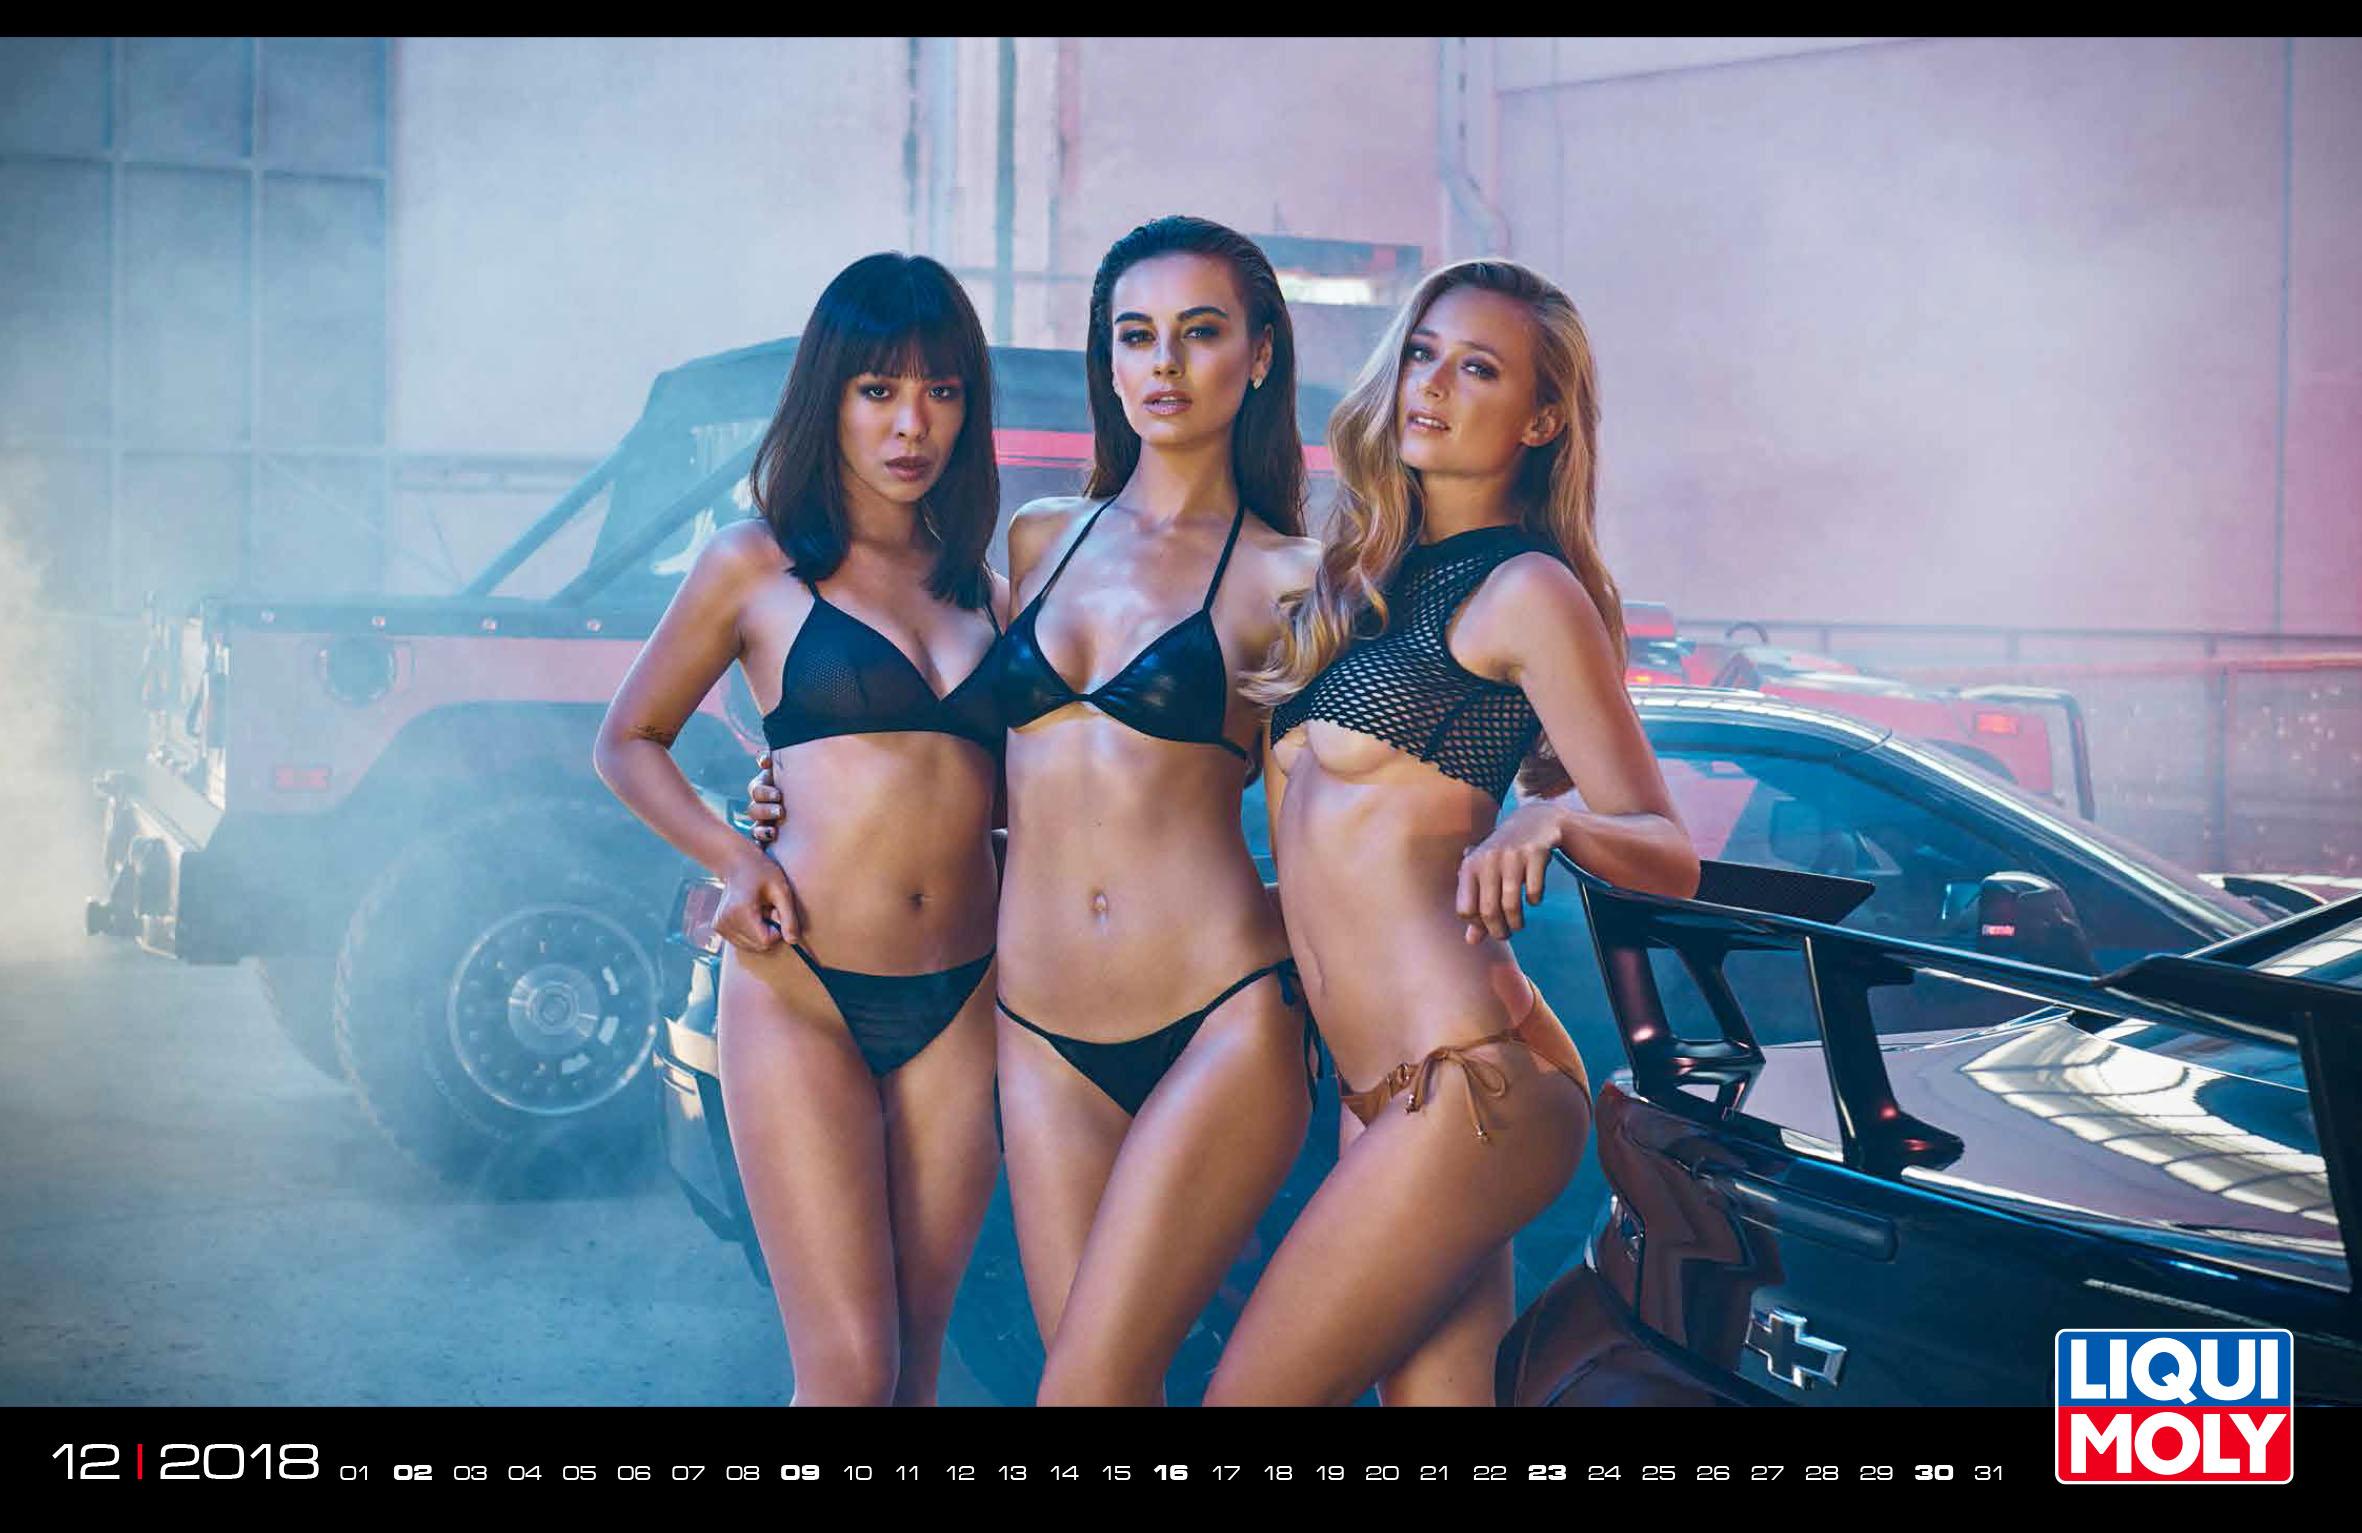 Video Liqui Moly Official Calendar 2018 nudes (35 foto and video), Ass, Paparazzi, Selfie, butt 2015